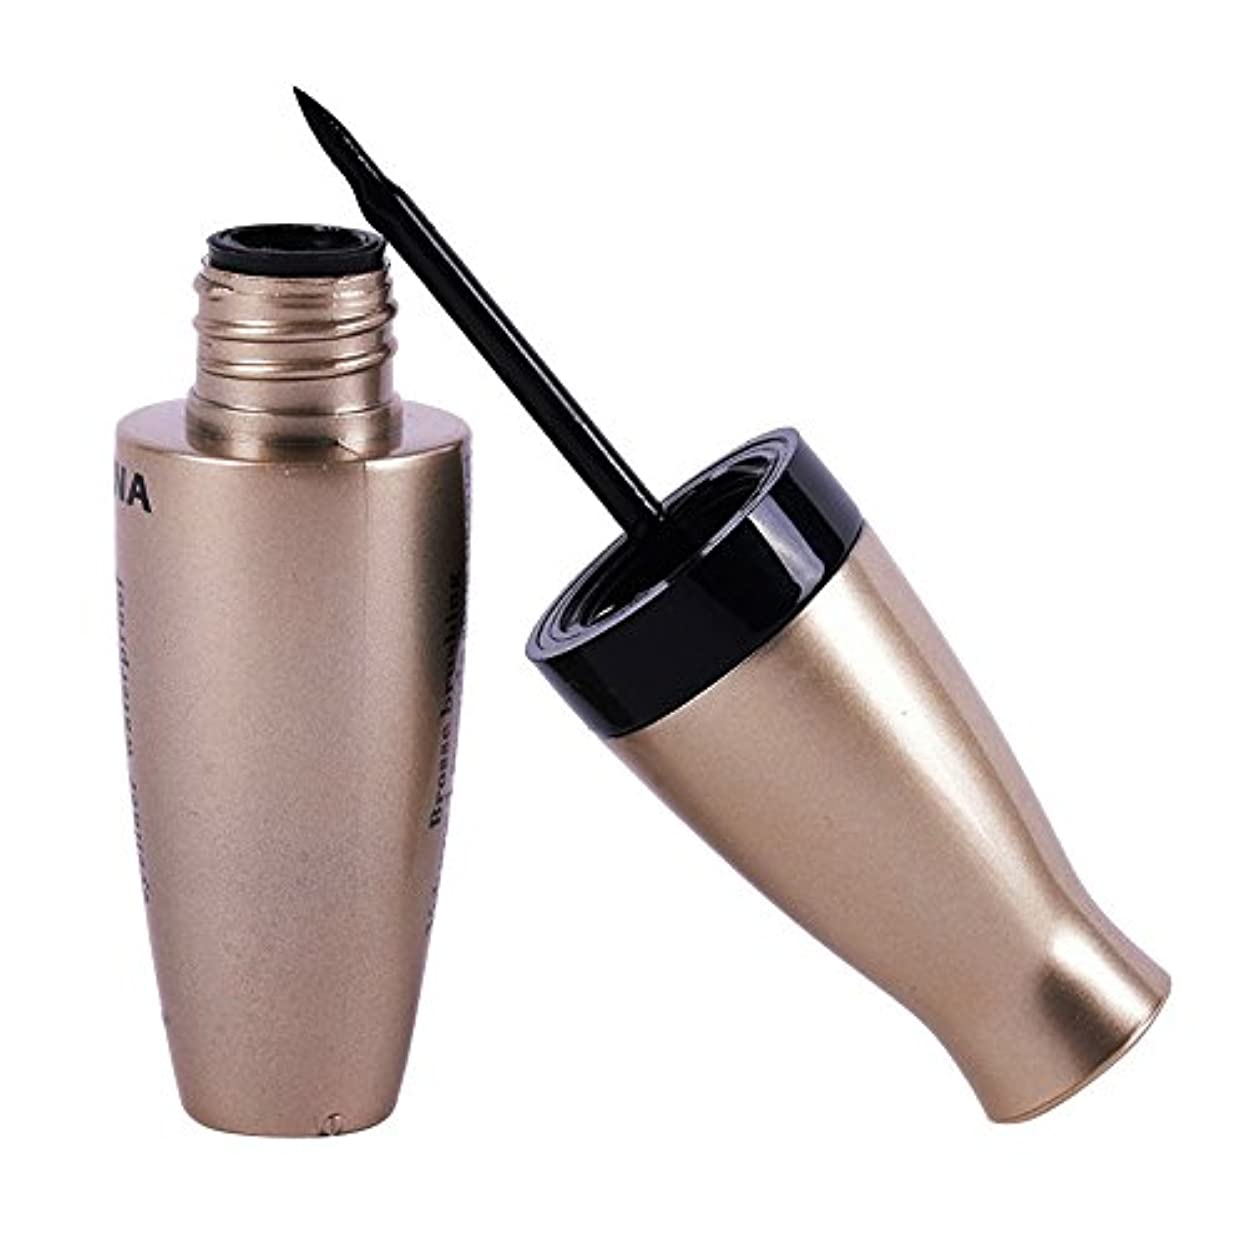 異常なパイプライン洪水新しいアイライナー防水リキッドアイライナーペンシルペンメイクアップ美容化粧品